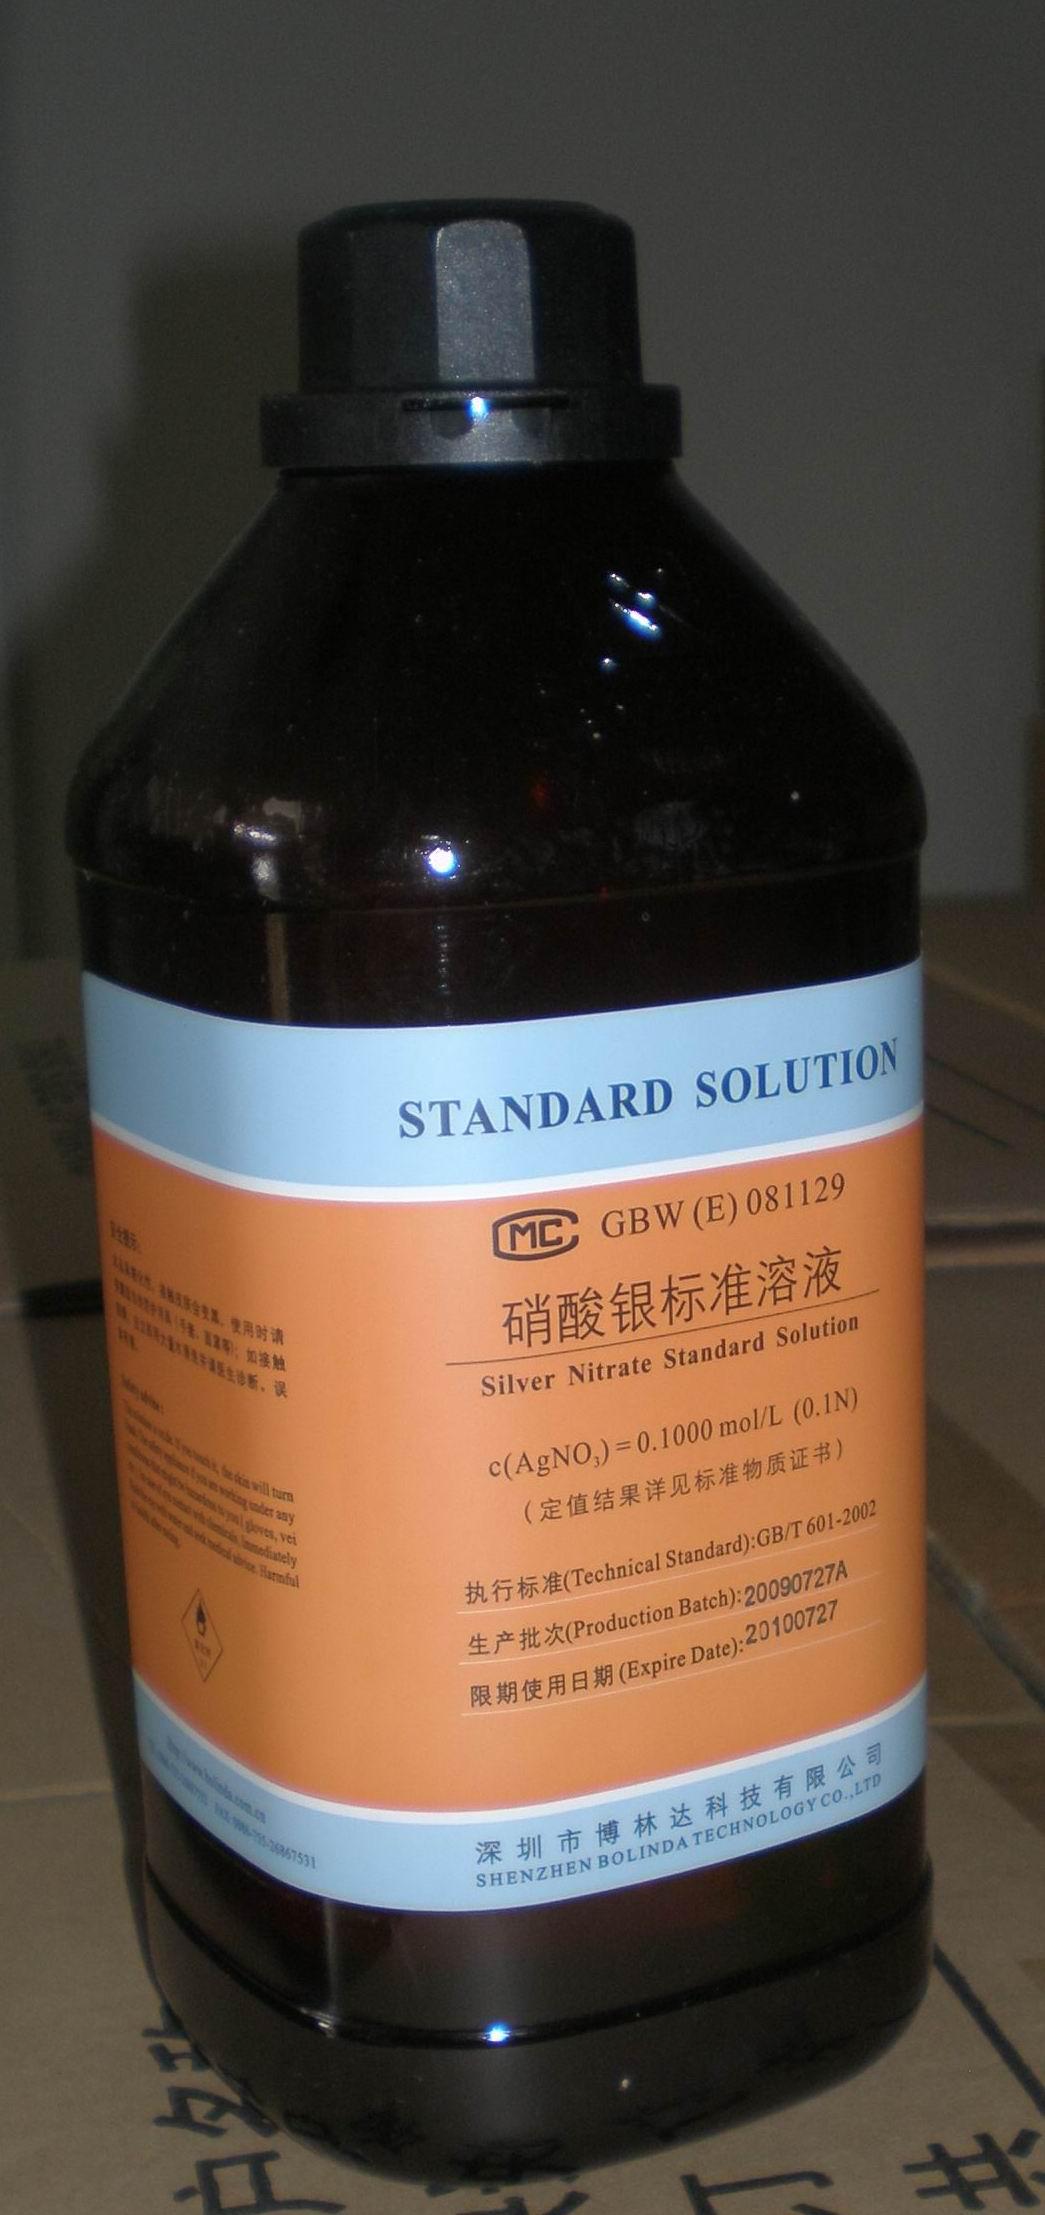 硝酸银����yb!�)�_硝酸银标准溶液